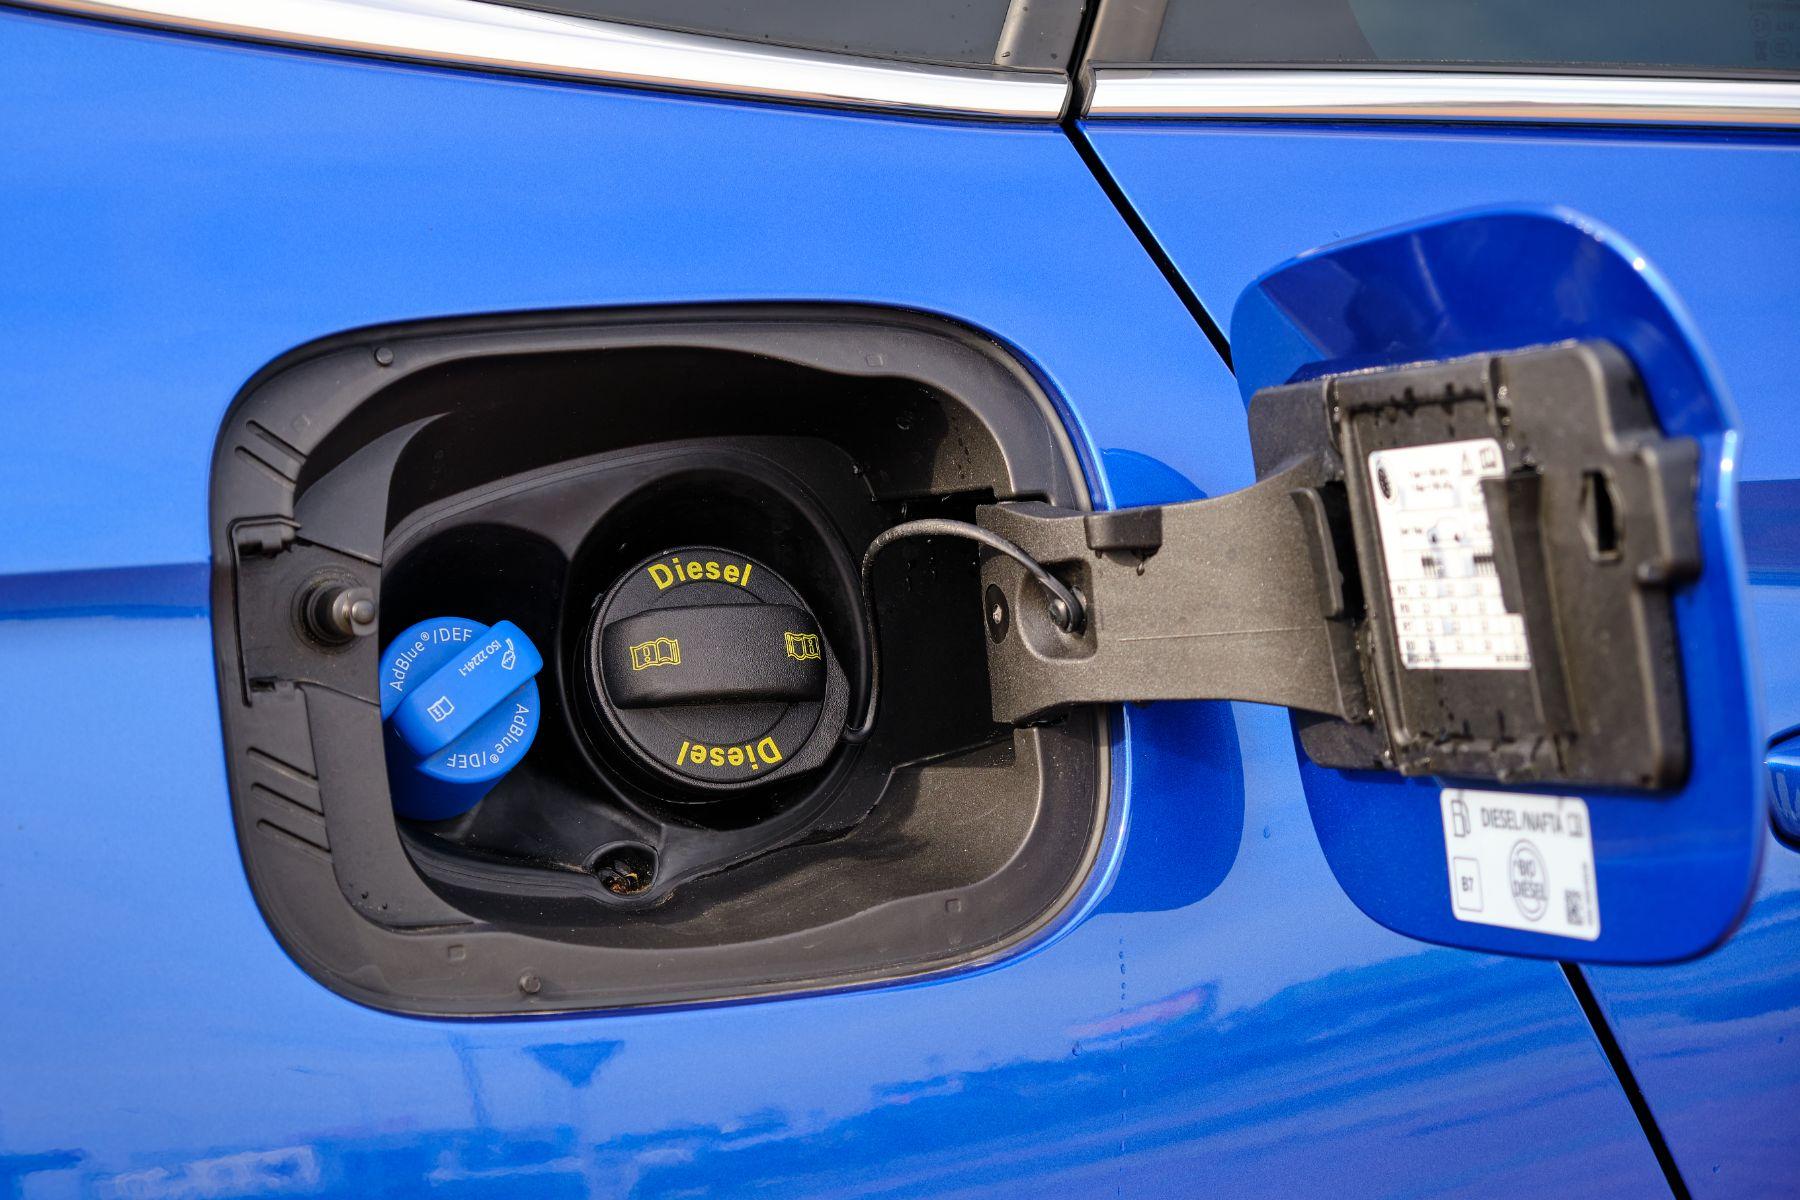 bocal de abastecimento de veiculo diesel com injecao de arla 32